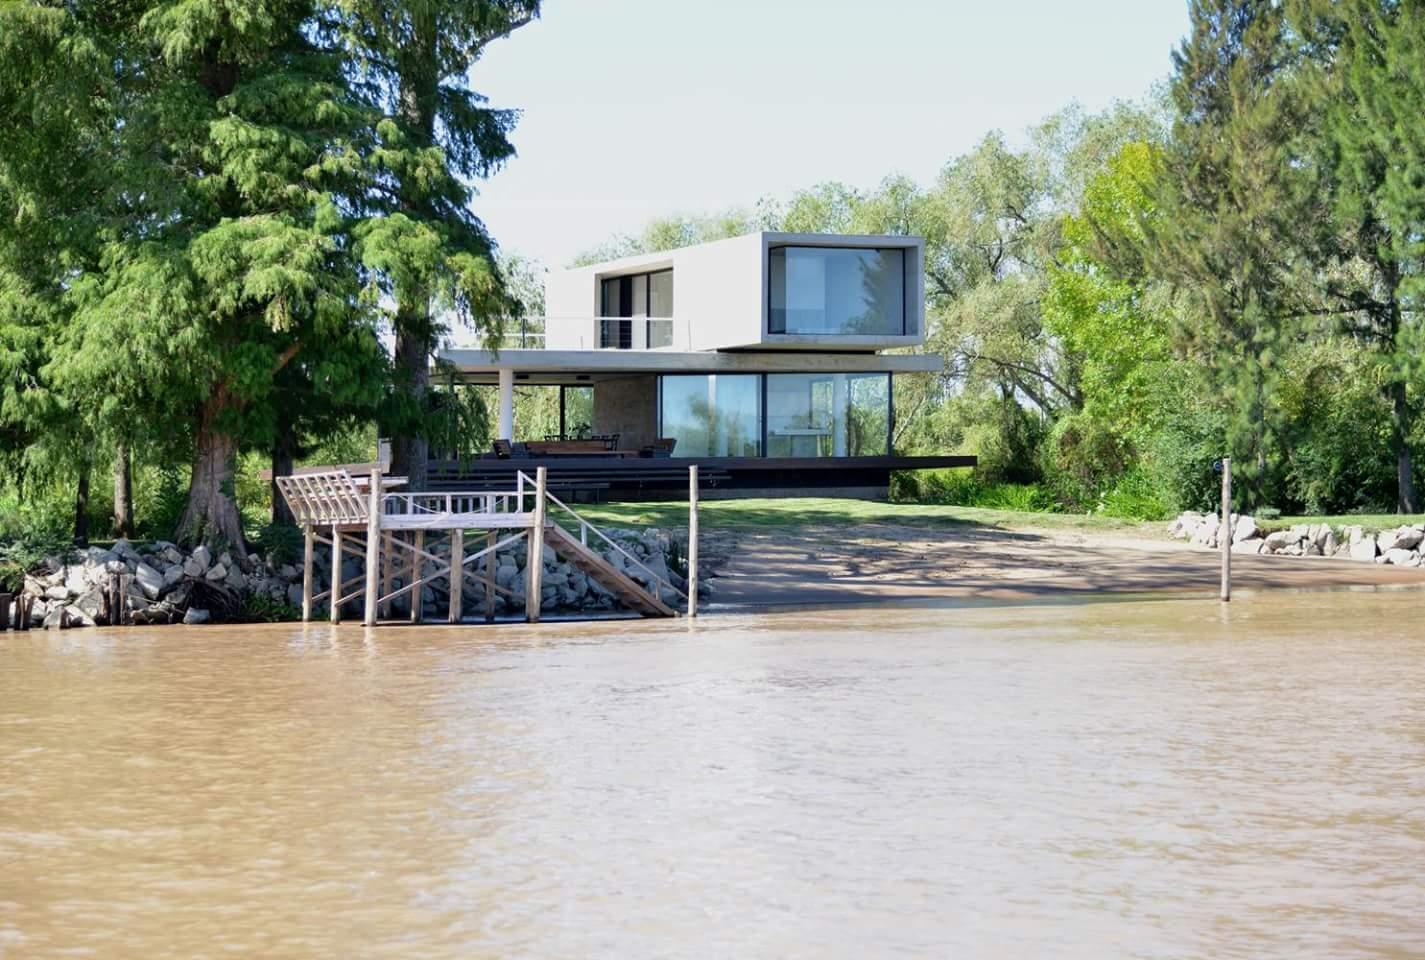 prefab modular beach houses  (15)